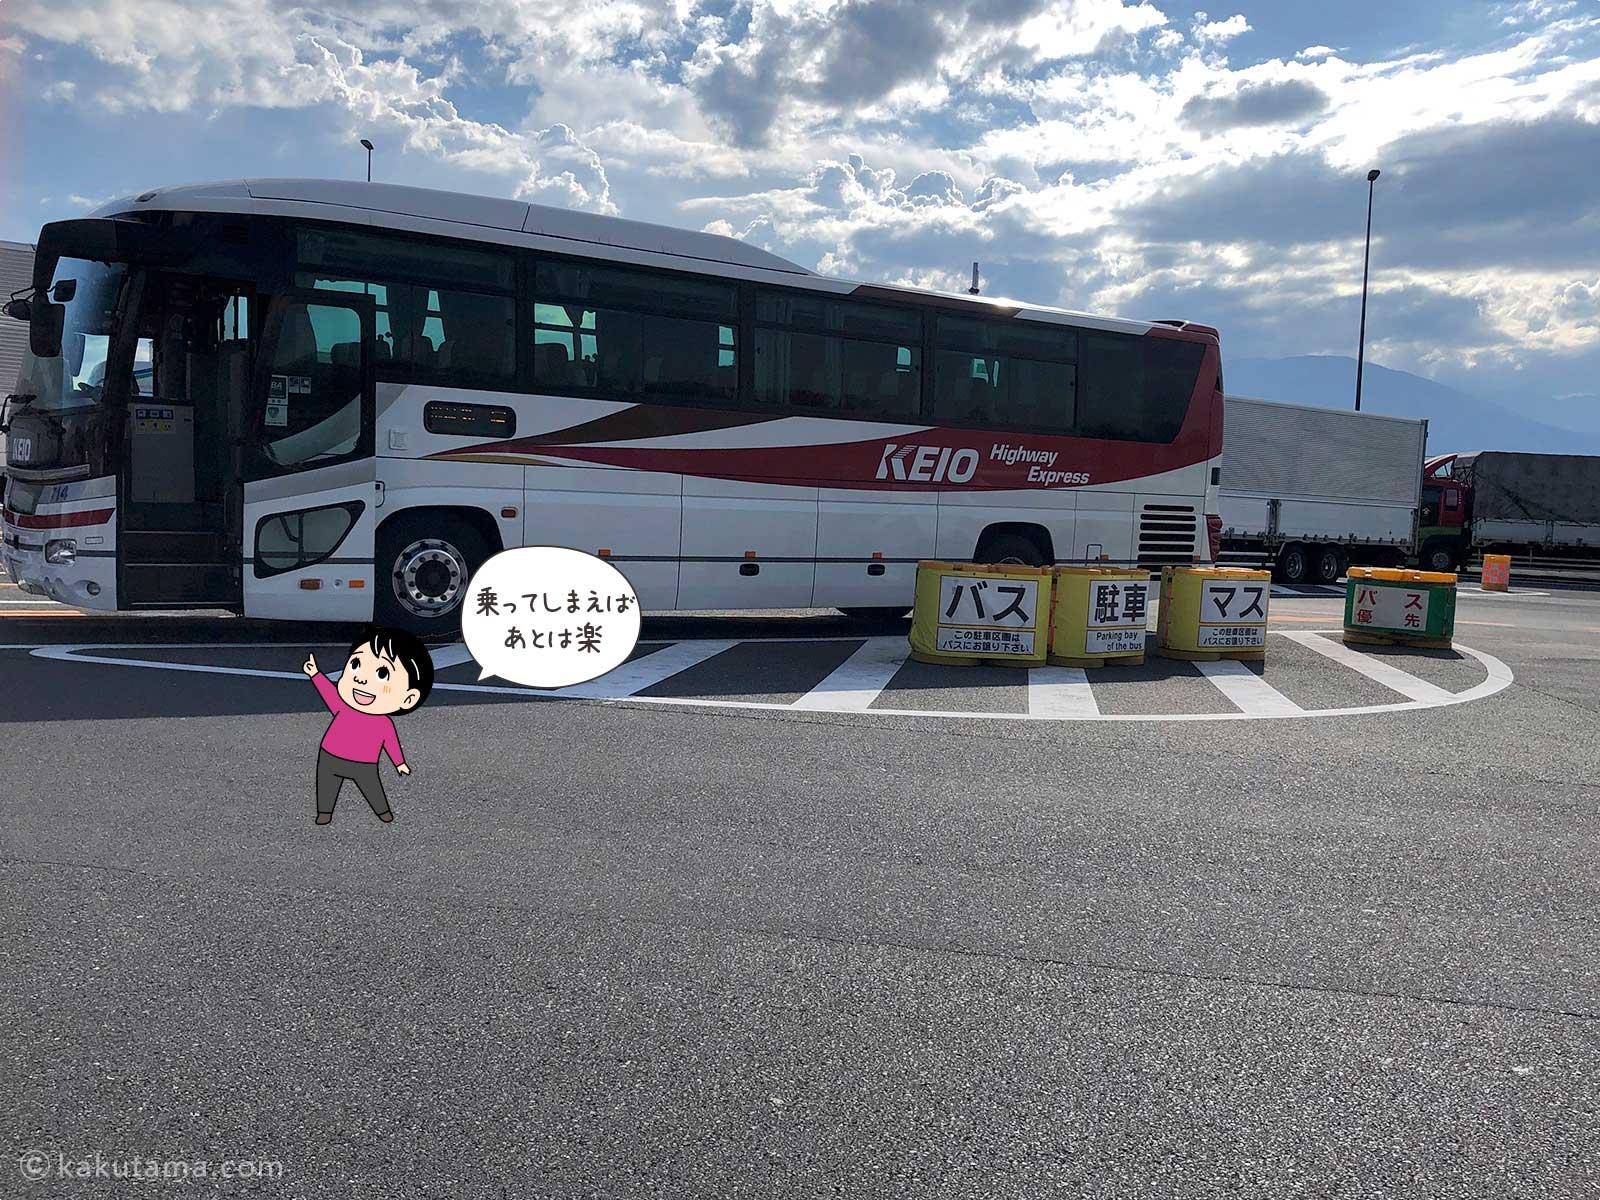 帰りの高速バス